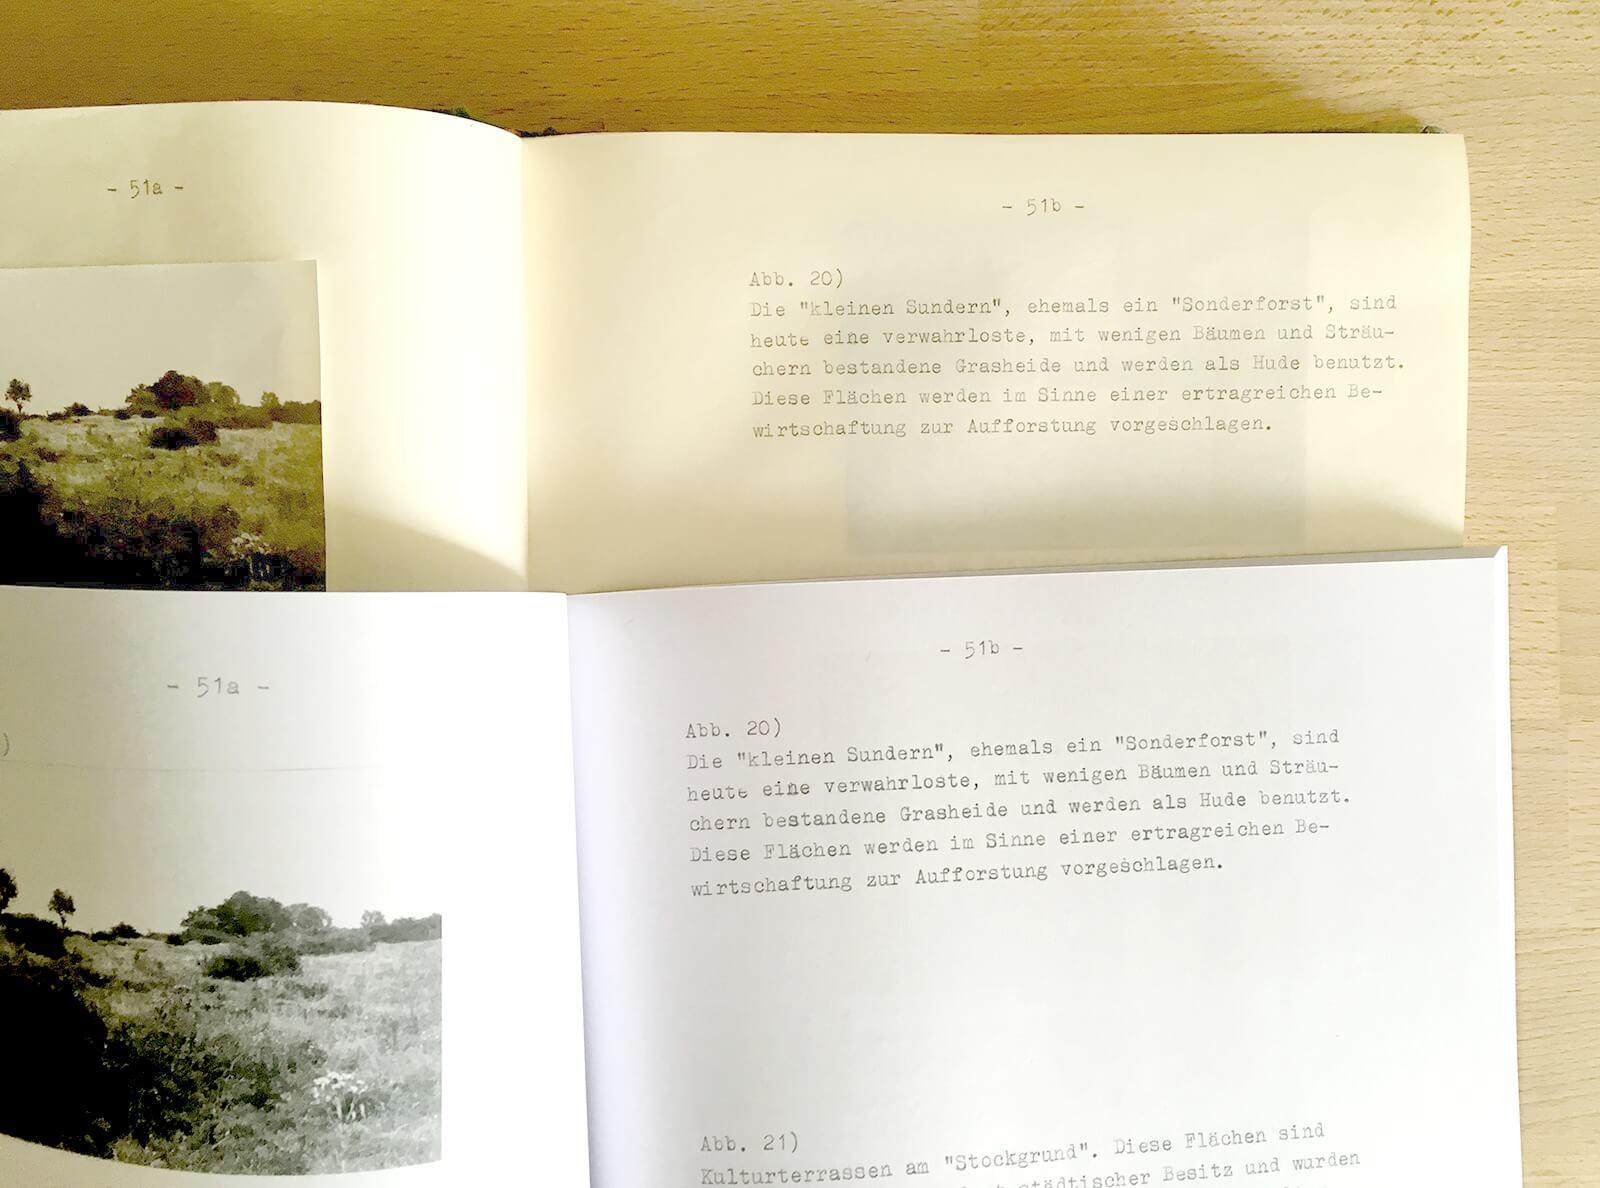 Buchdruck-Blog: Neuauflage von einem Buch ohne Druckvorlage - Gicom ...